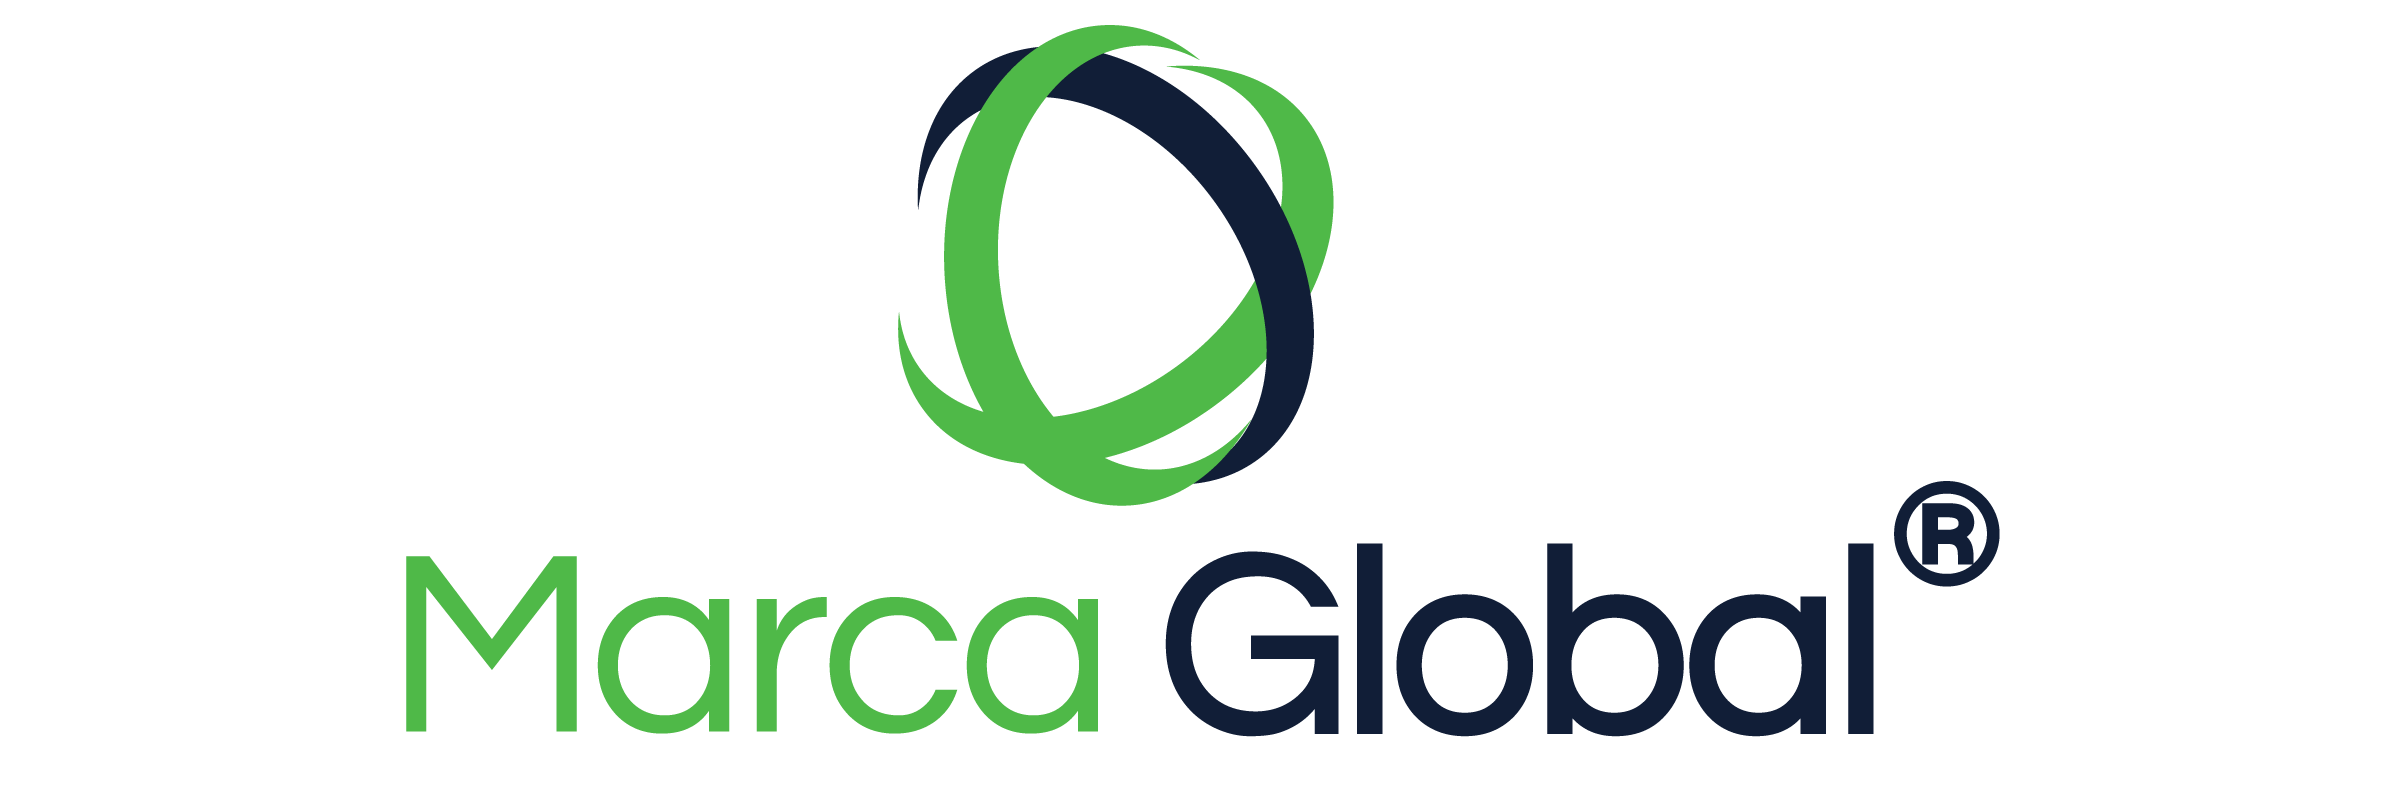 marca global